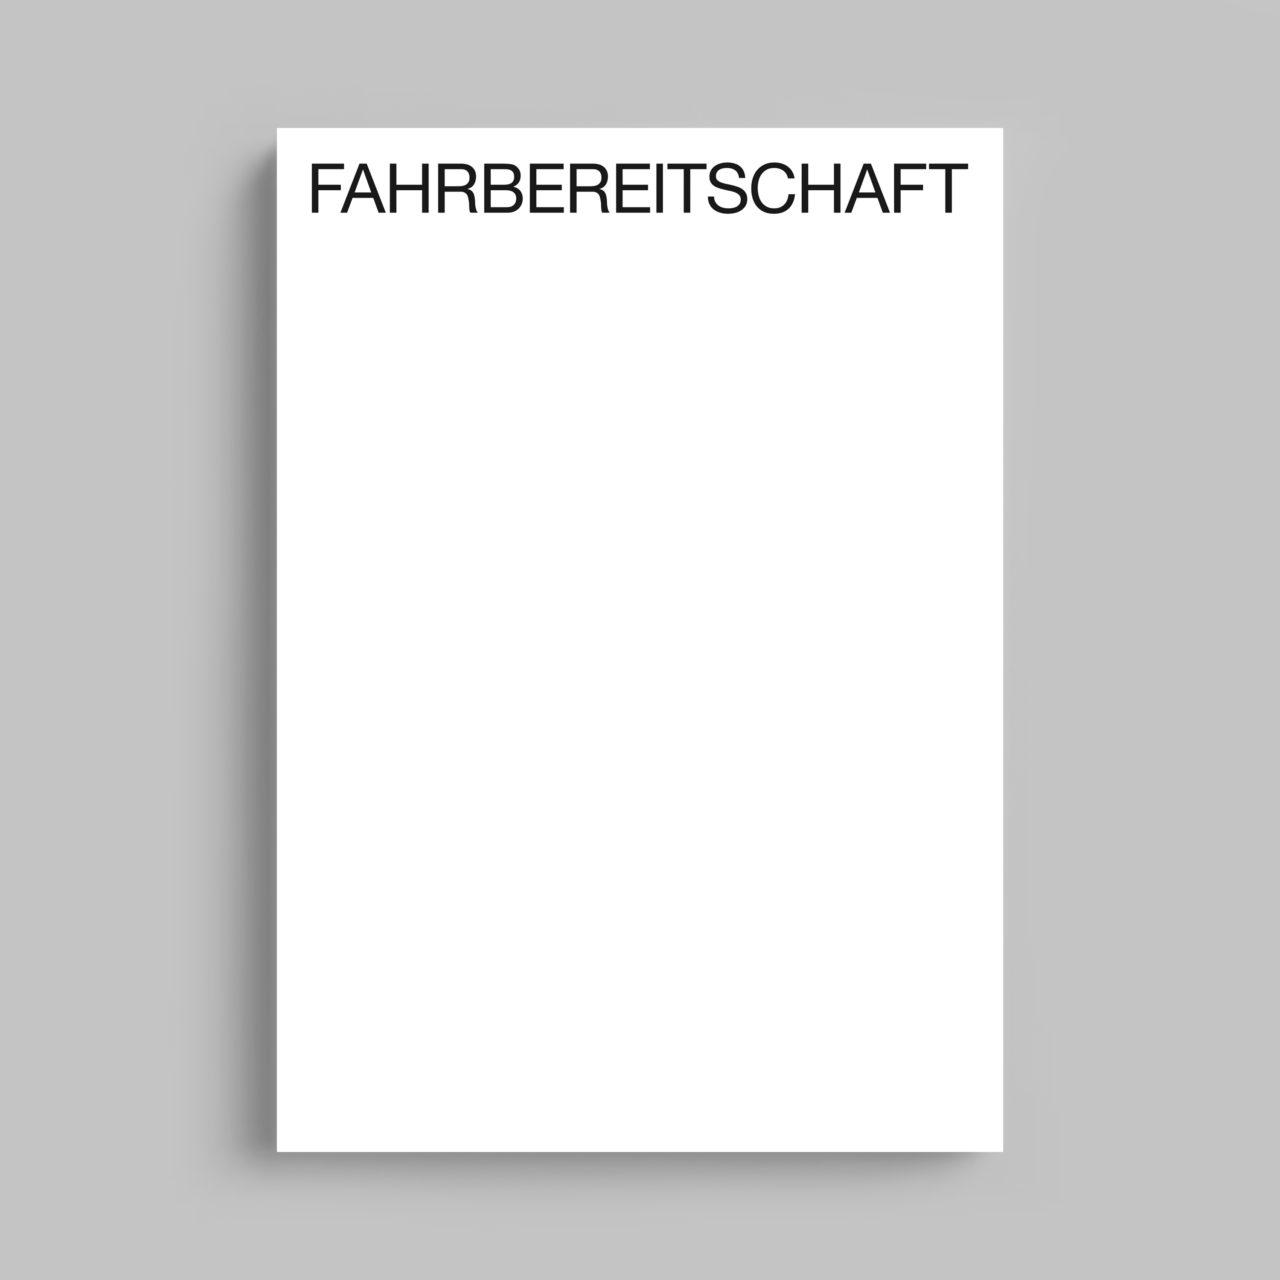 FAHRBEREITSCHAFT, Kerber Verlag (2019)